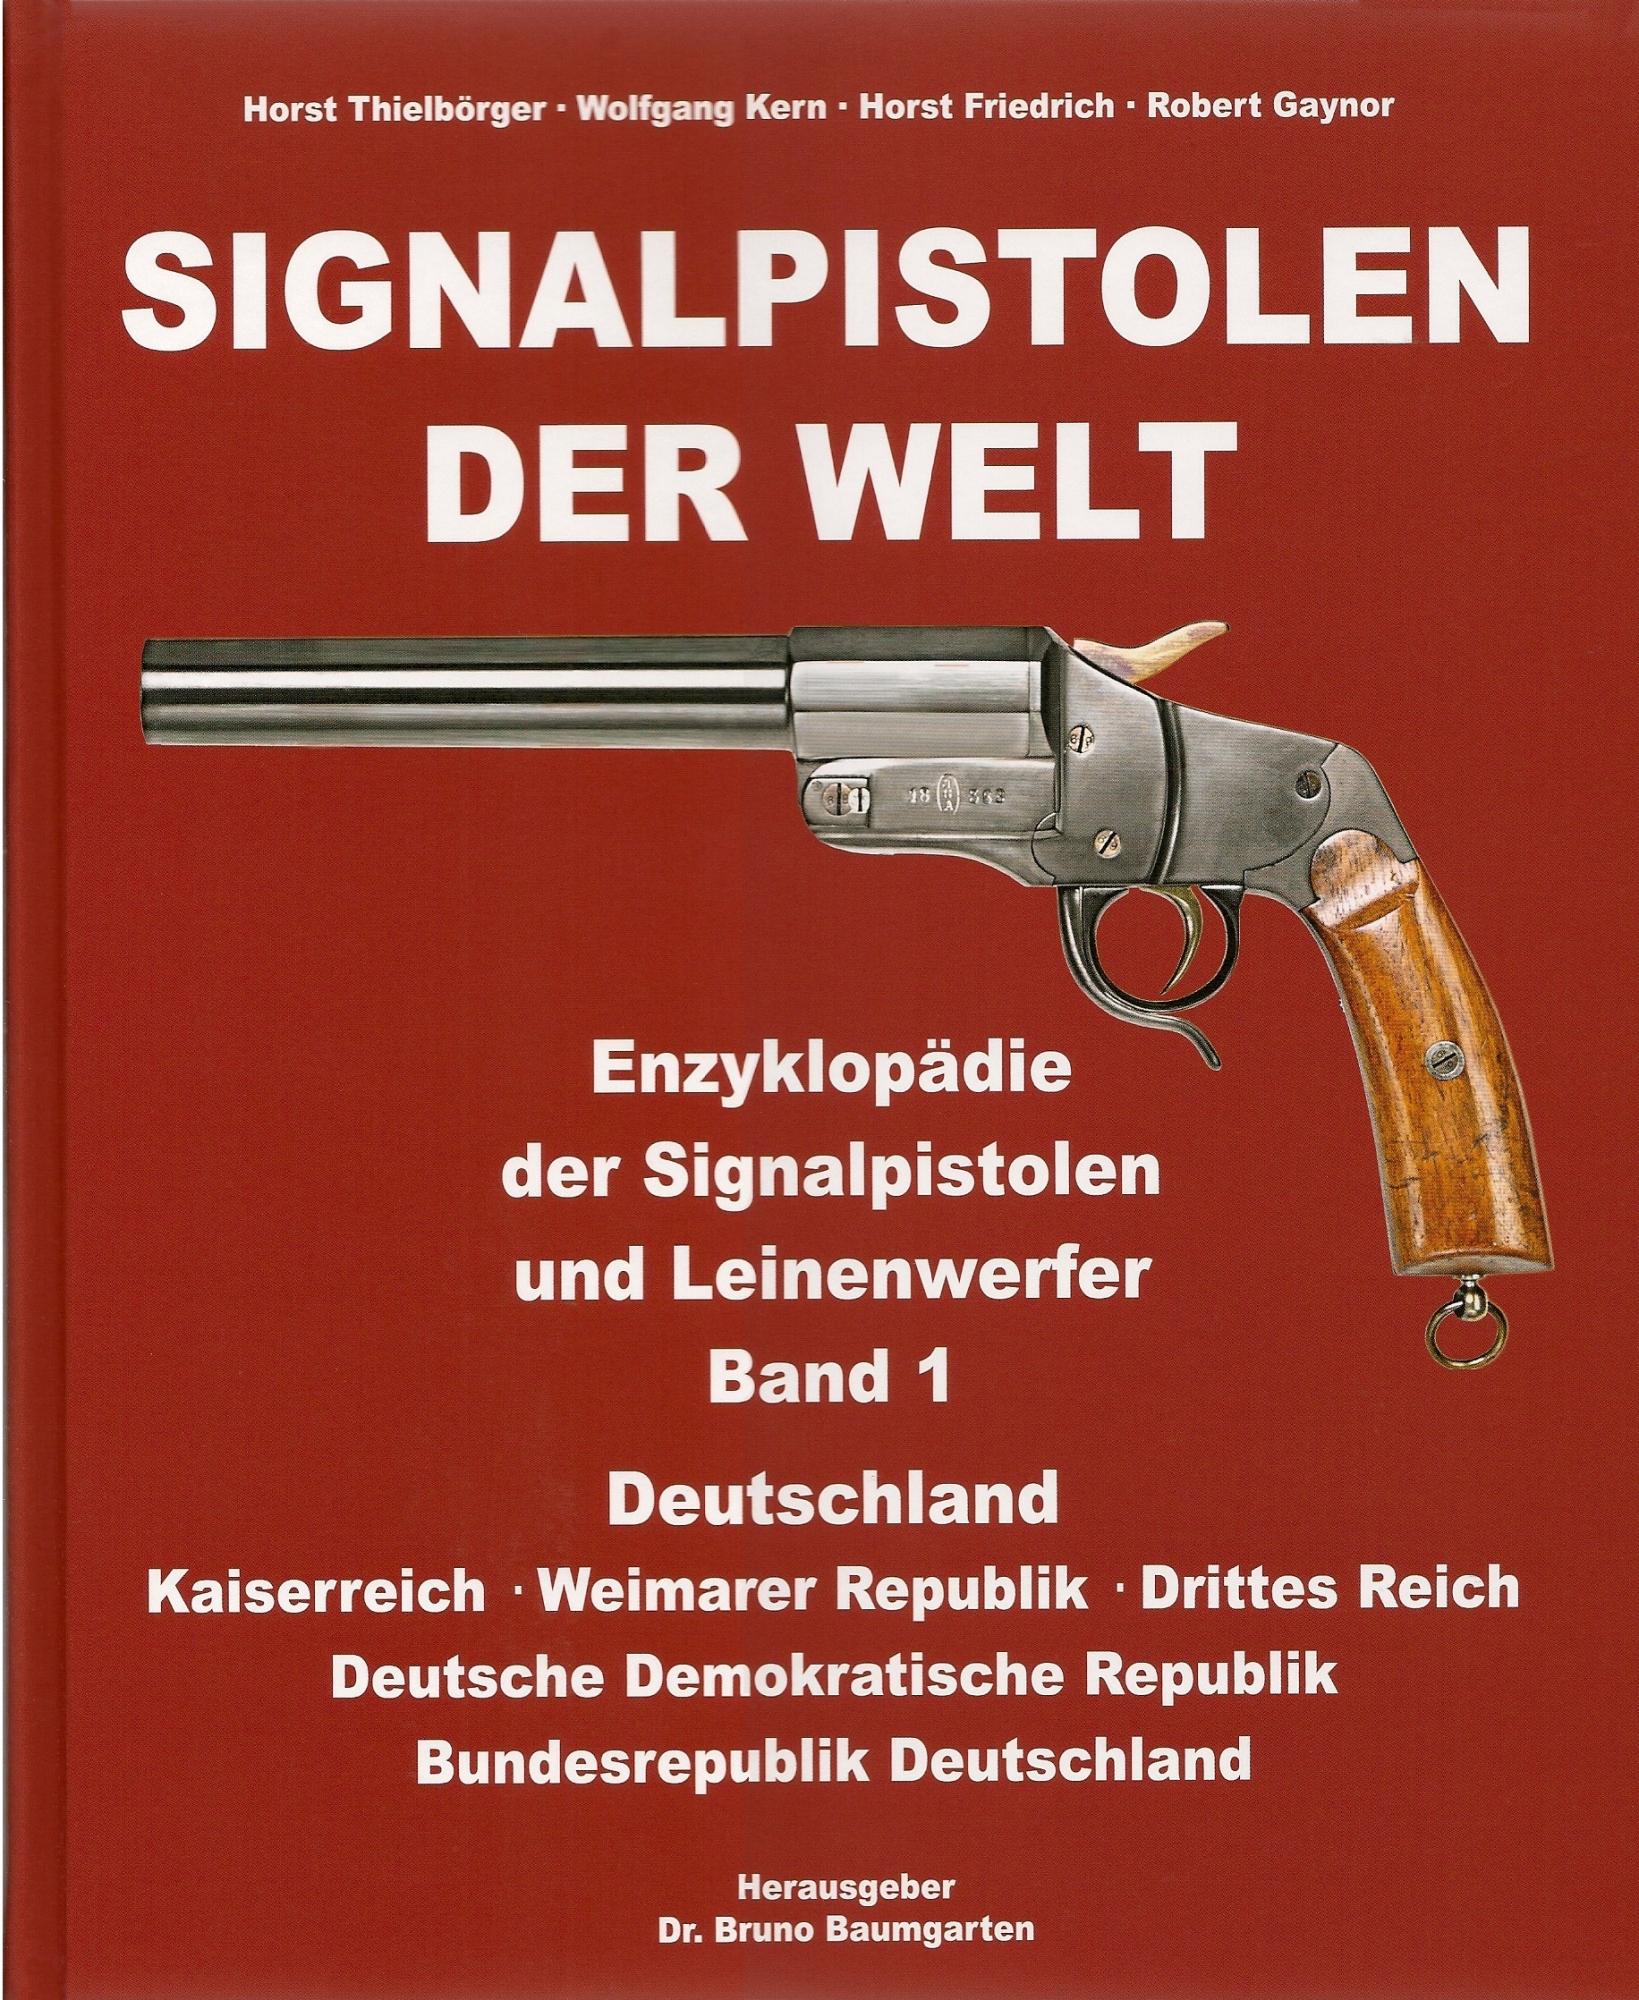 Signalpistolen der Welt - Enzyklopädie der Signalpistolen und Lienenwerfer - Band 1 - Deutschland.